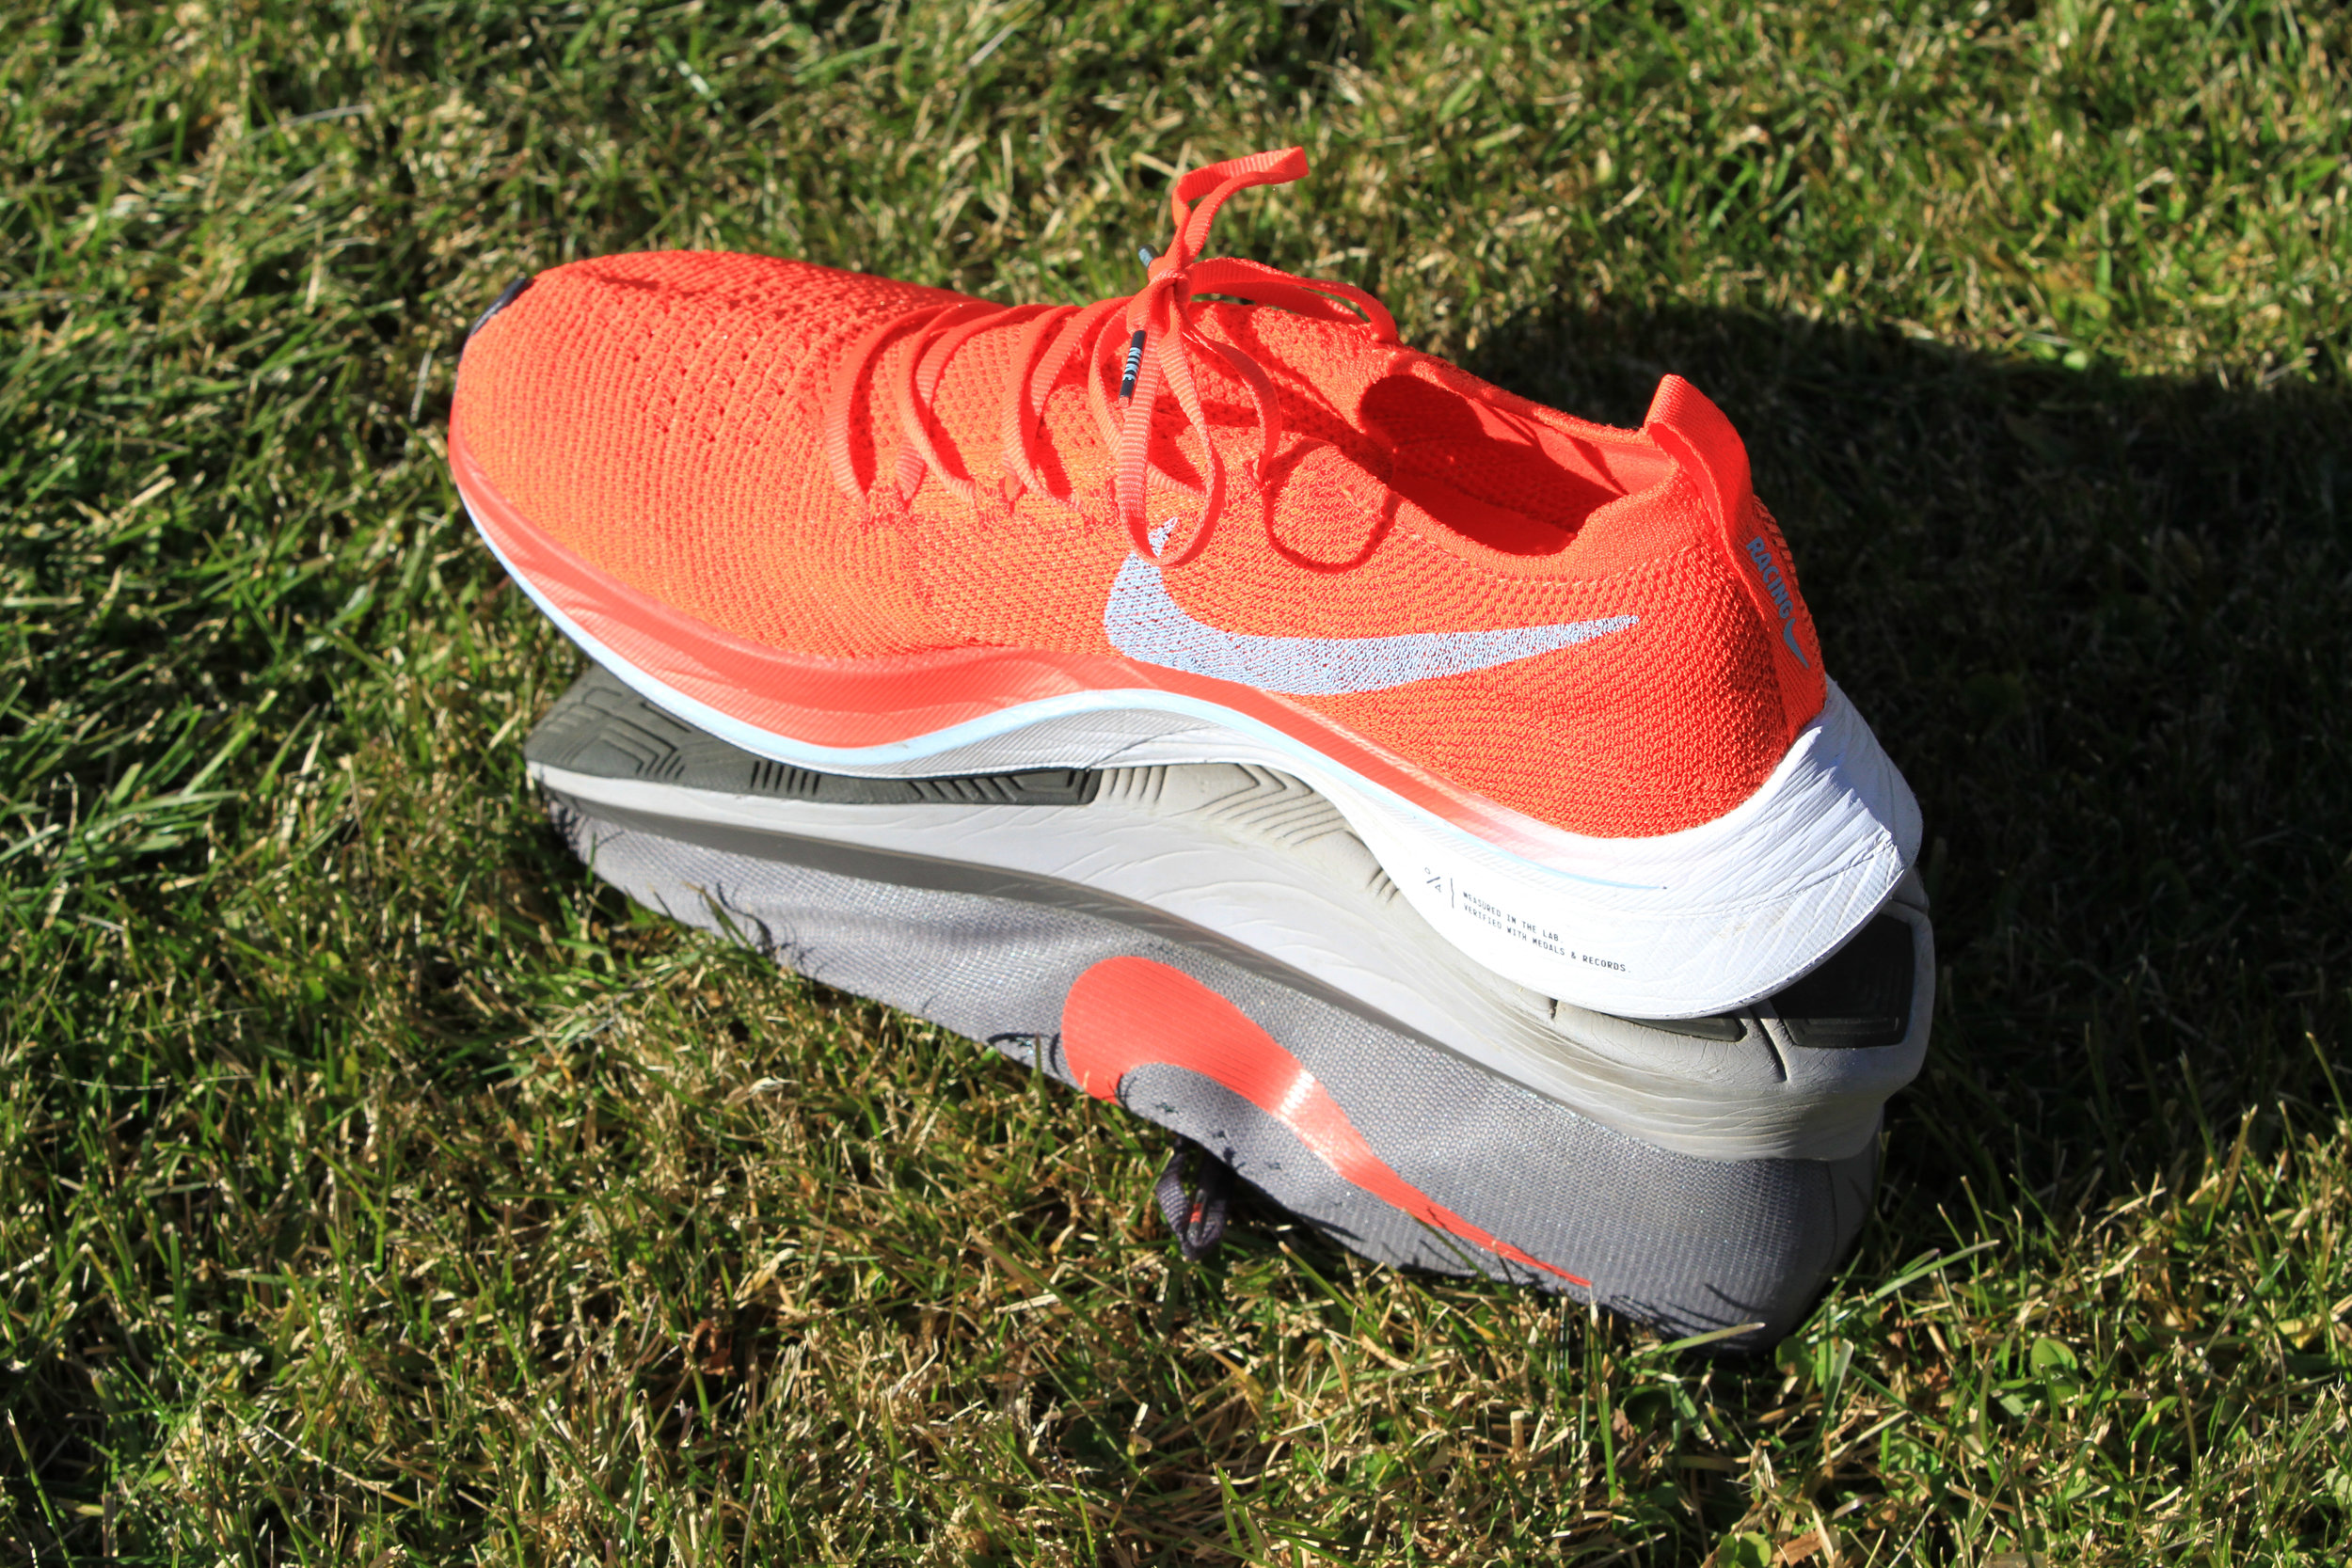 Nike Vaporfly 4% Flyknit-11.jpg